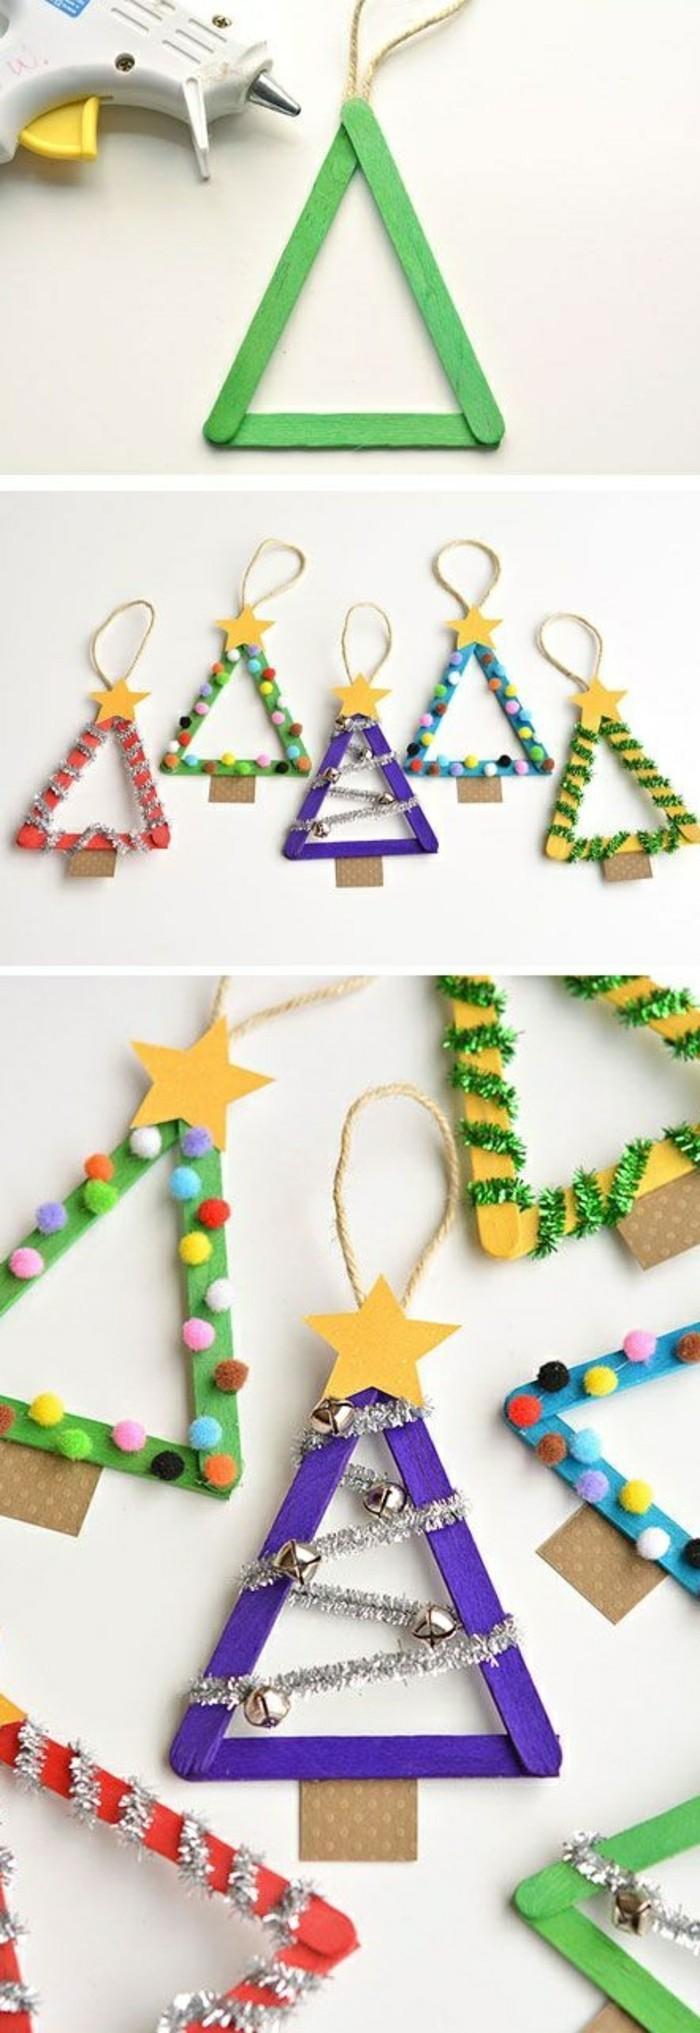 bastelideen-weihnachten-weihnachtsbaume-aus-holz-papiersterne-weihnachtdekoration